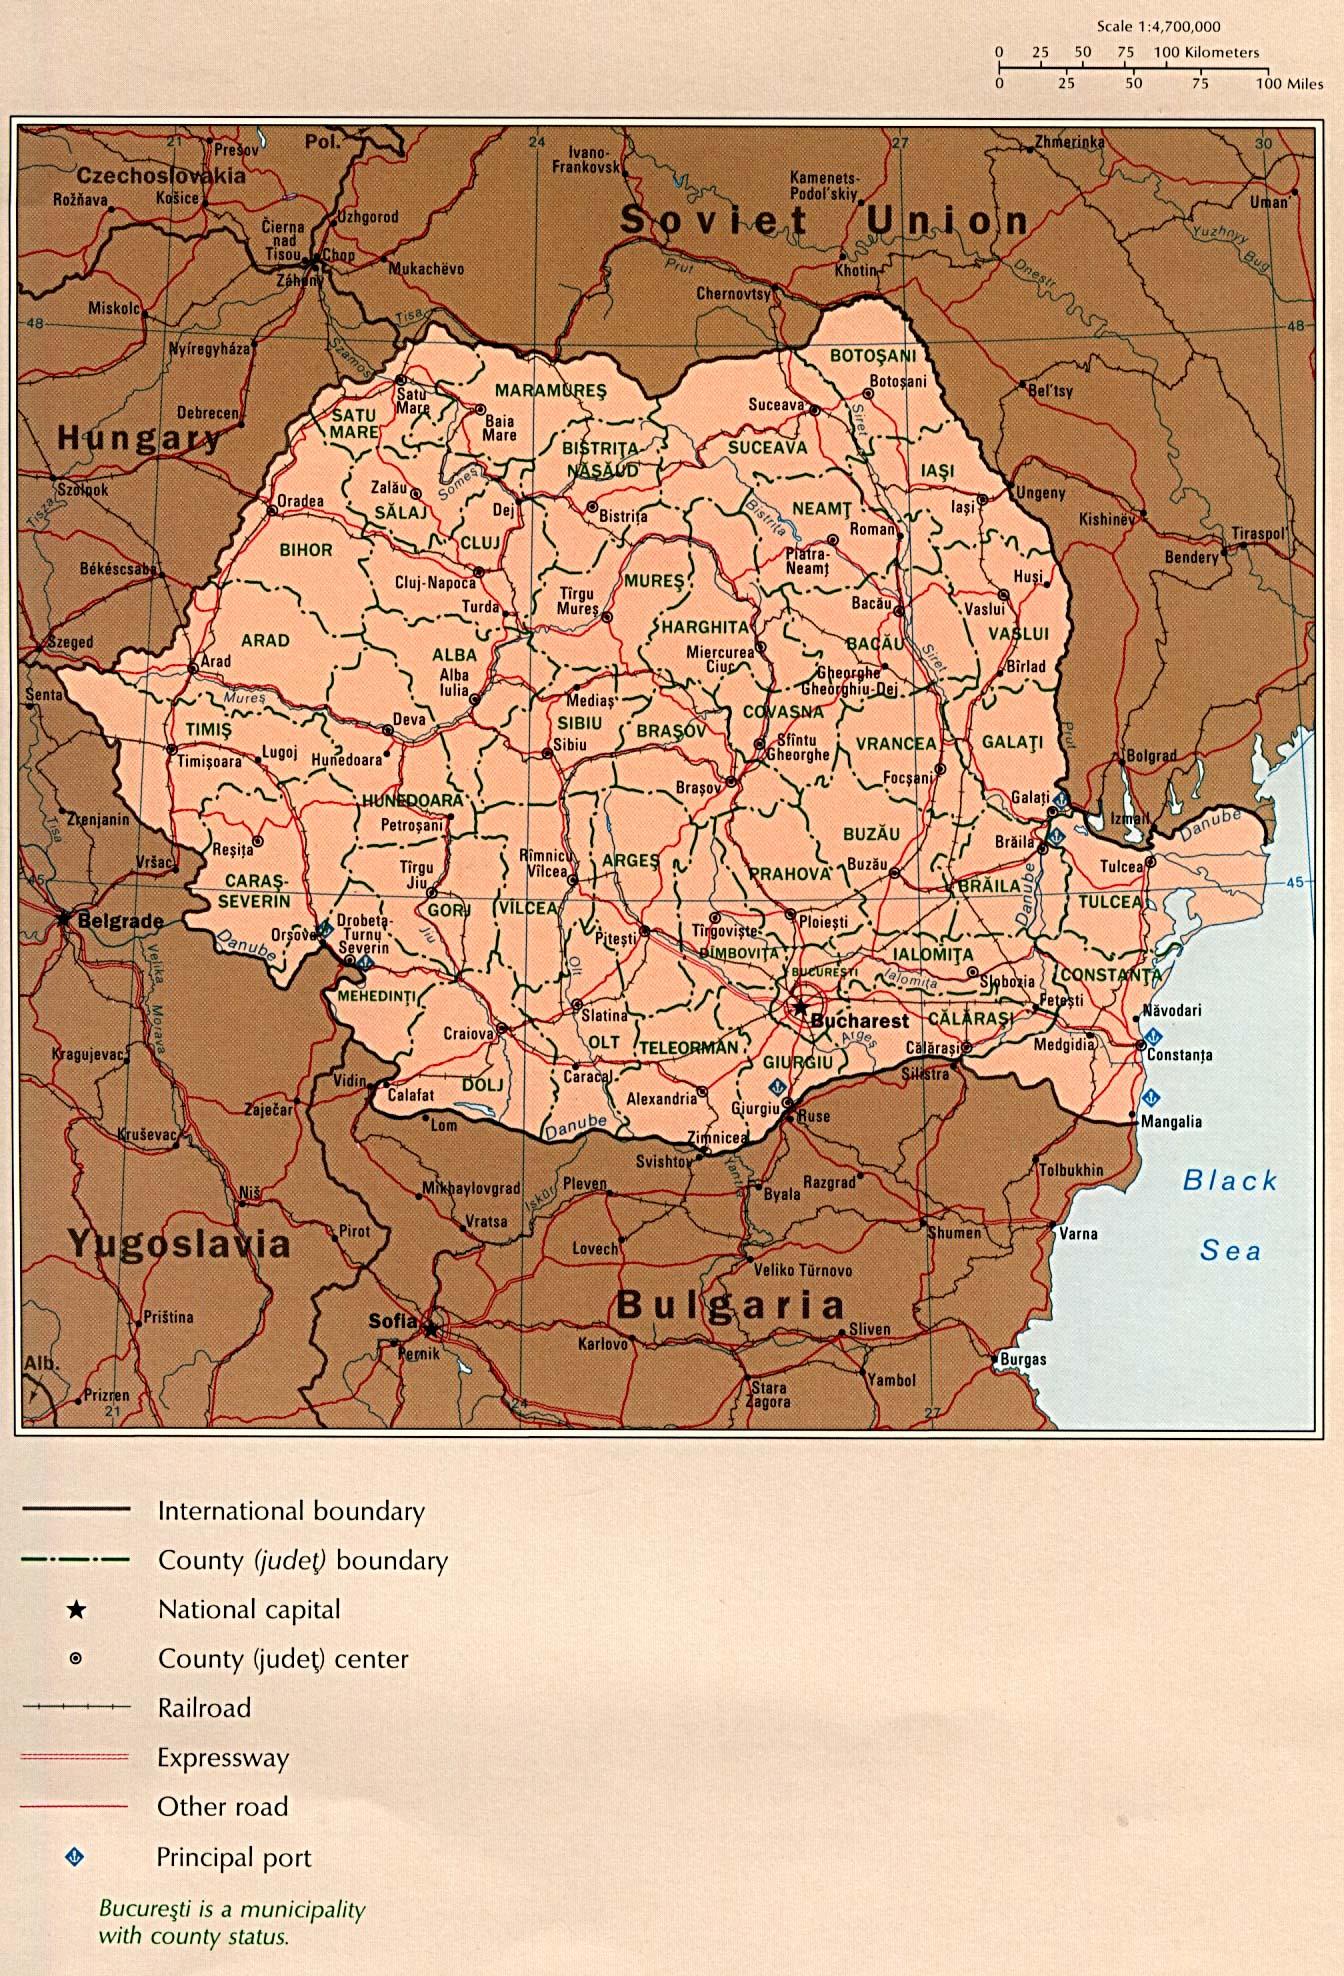 Free Eastern Europe Maps